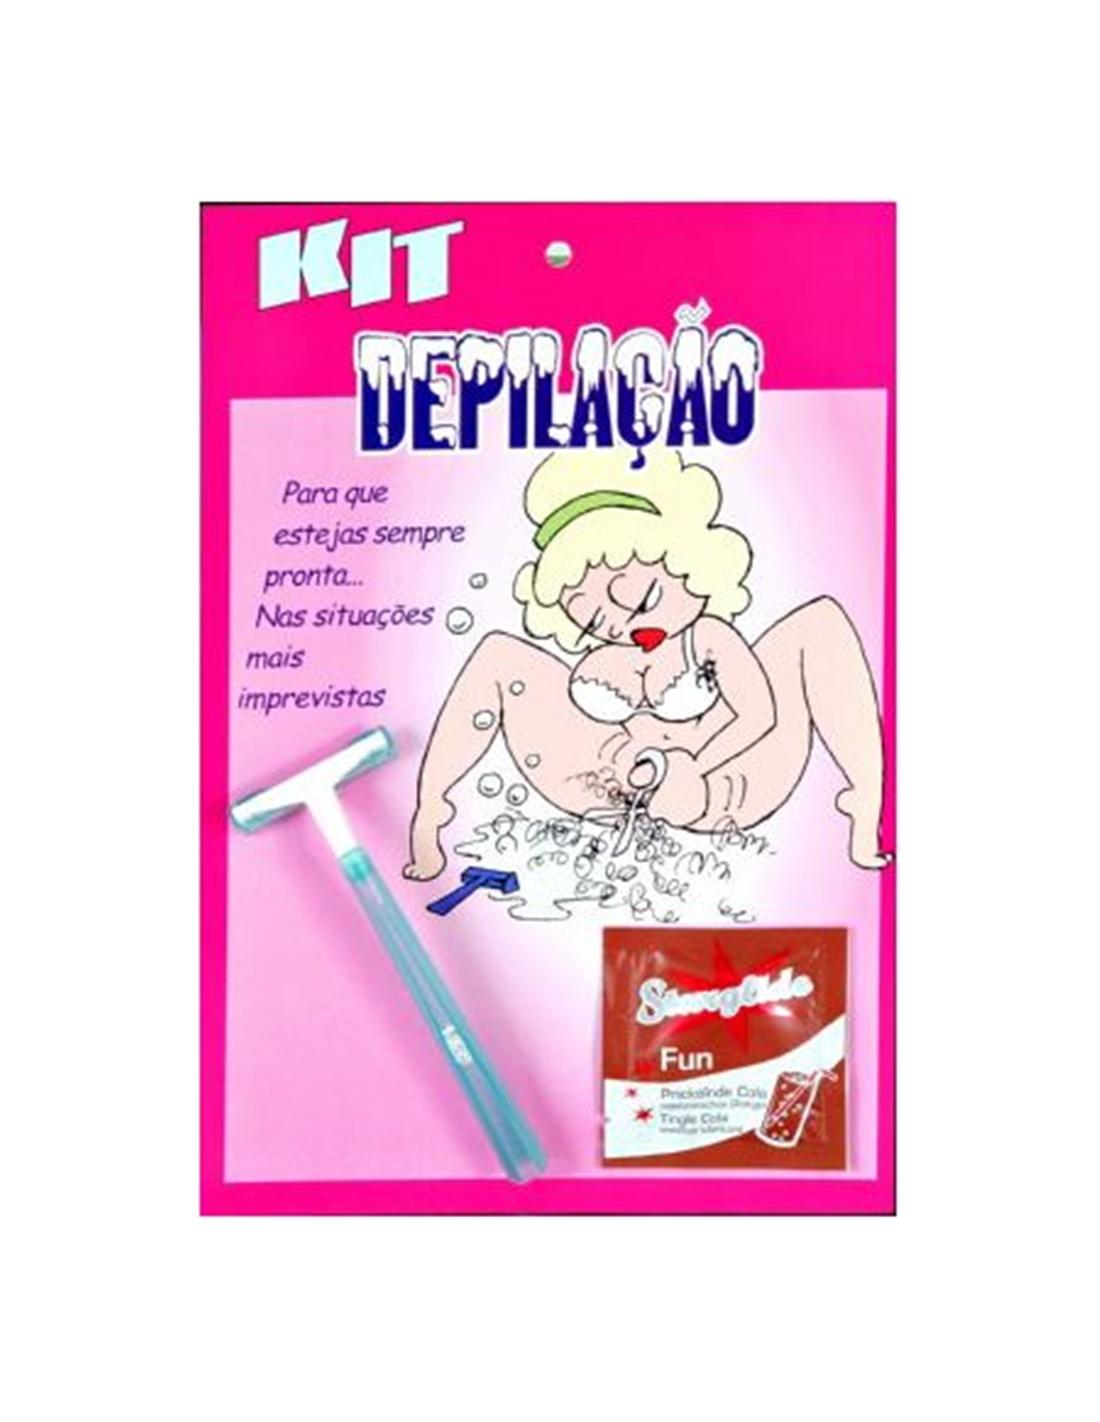 Kit Depilação - DO29011517